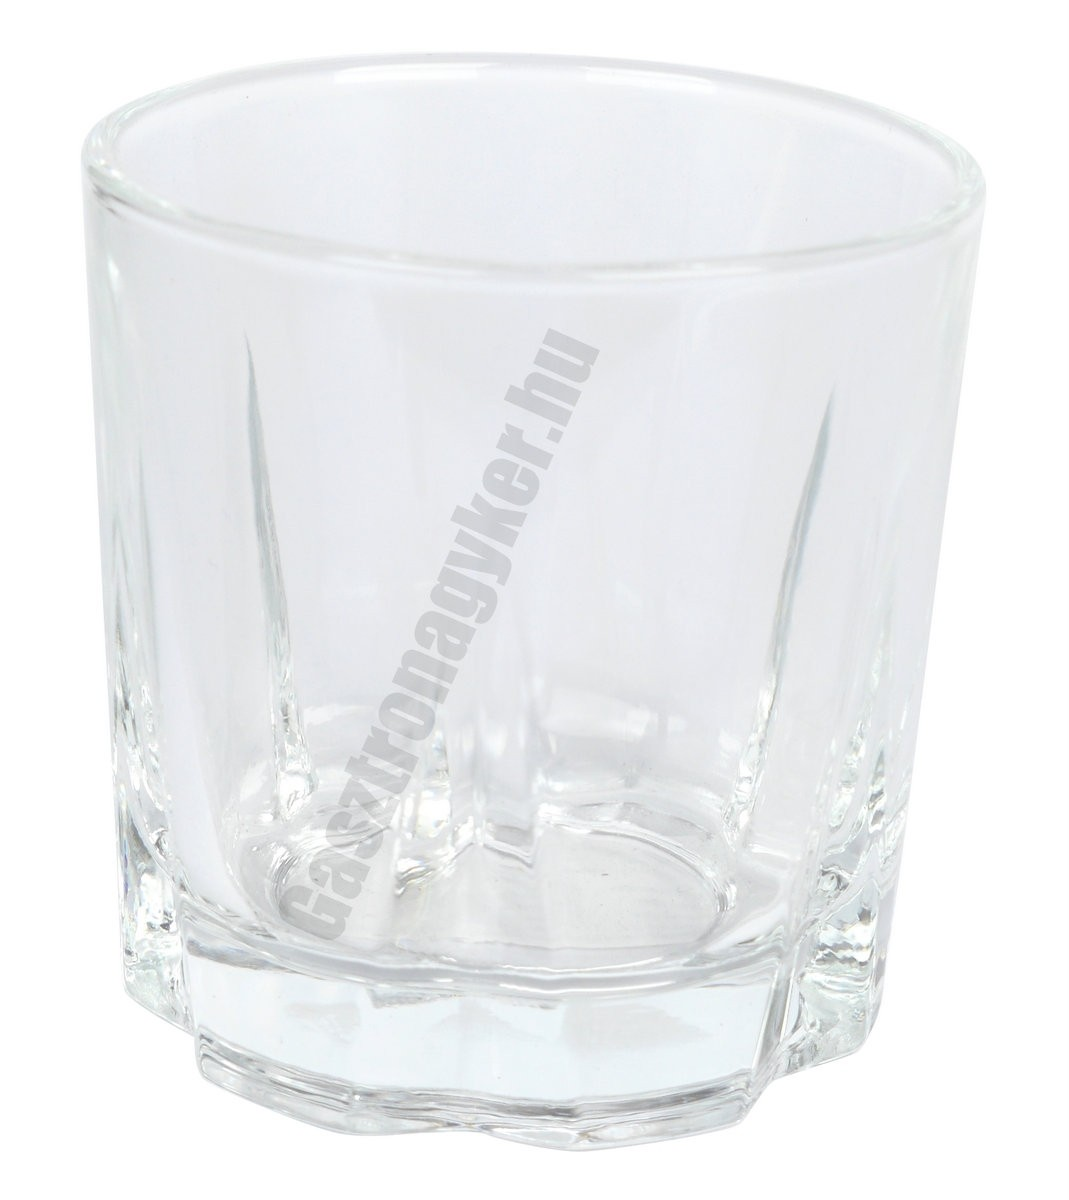 Vera vizes-whisky pohár, 250 ml, üveg